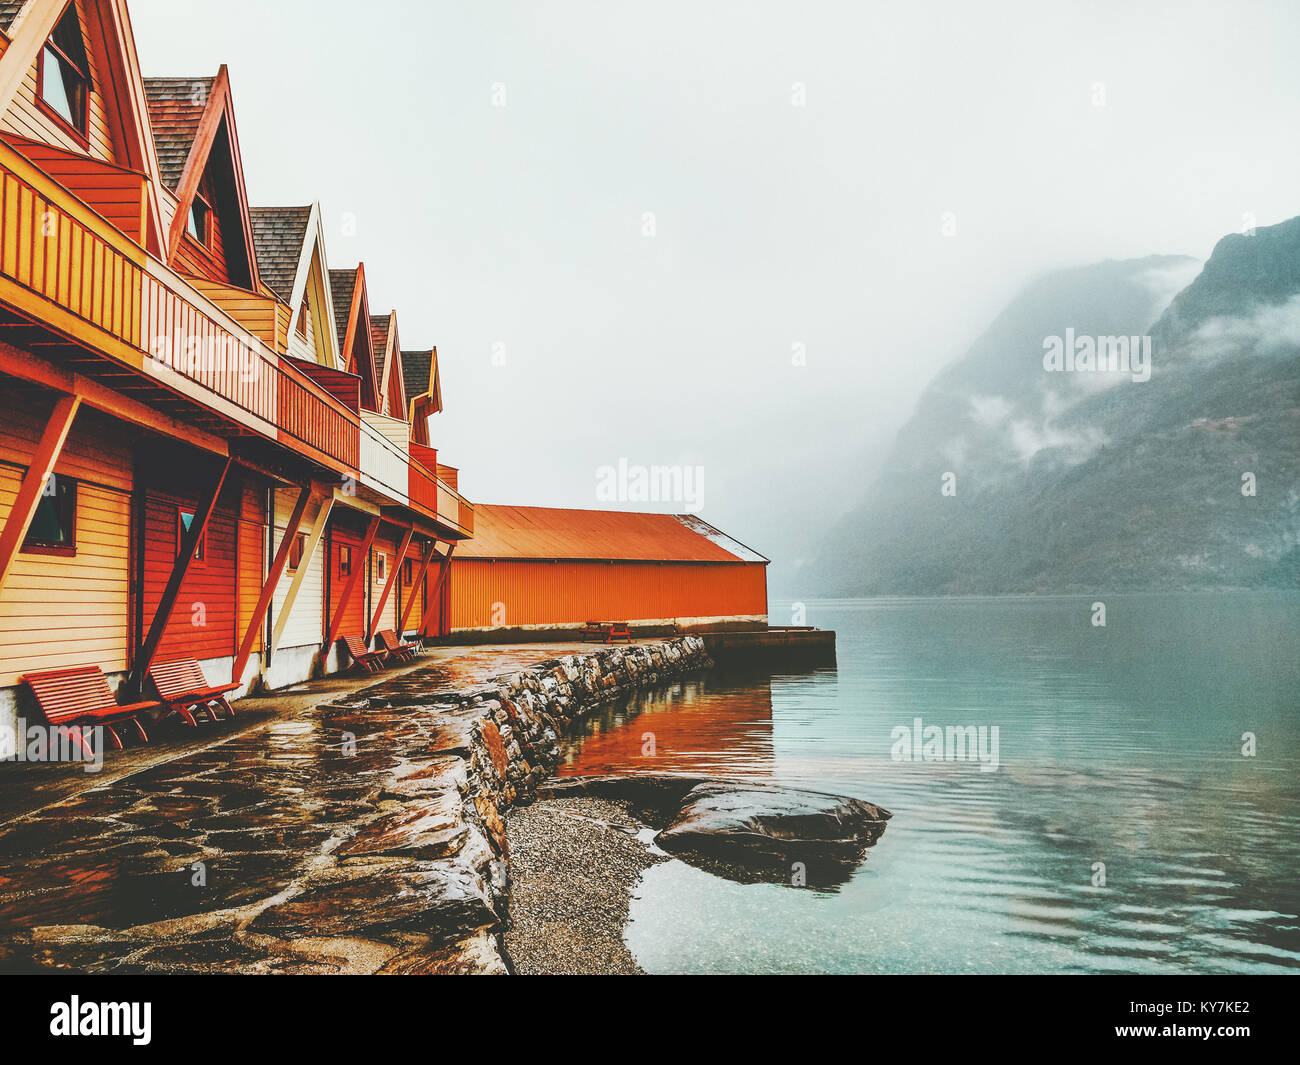 Casas de madera acogedora terraza exterior vista montañas y fiordos de Noruega estilo escandinavo. Imagen De Stock